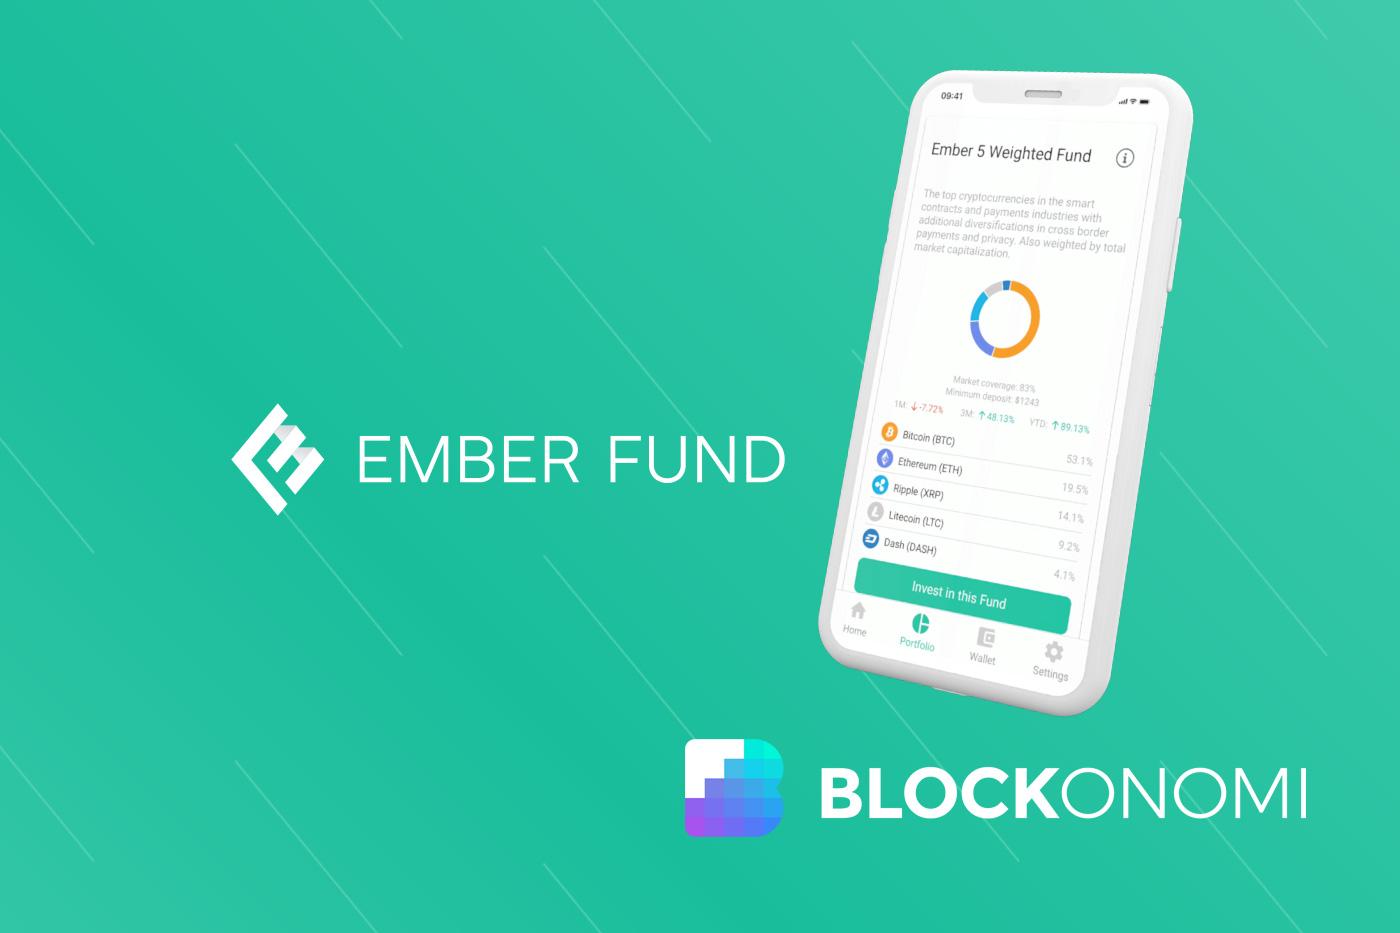 Aplikasi Ember Fund Menyelesaikan SAFE Compliant SAFE Naikkan